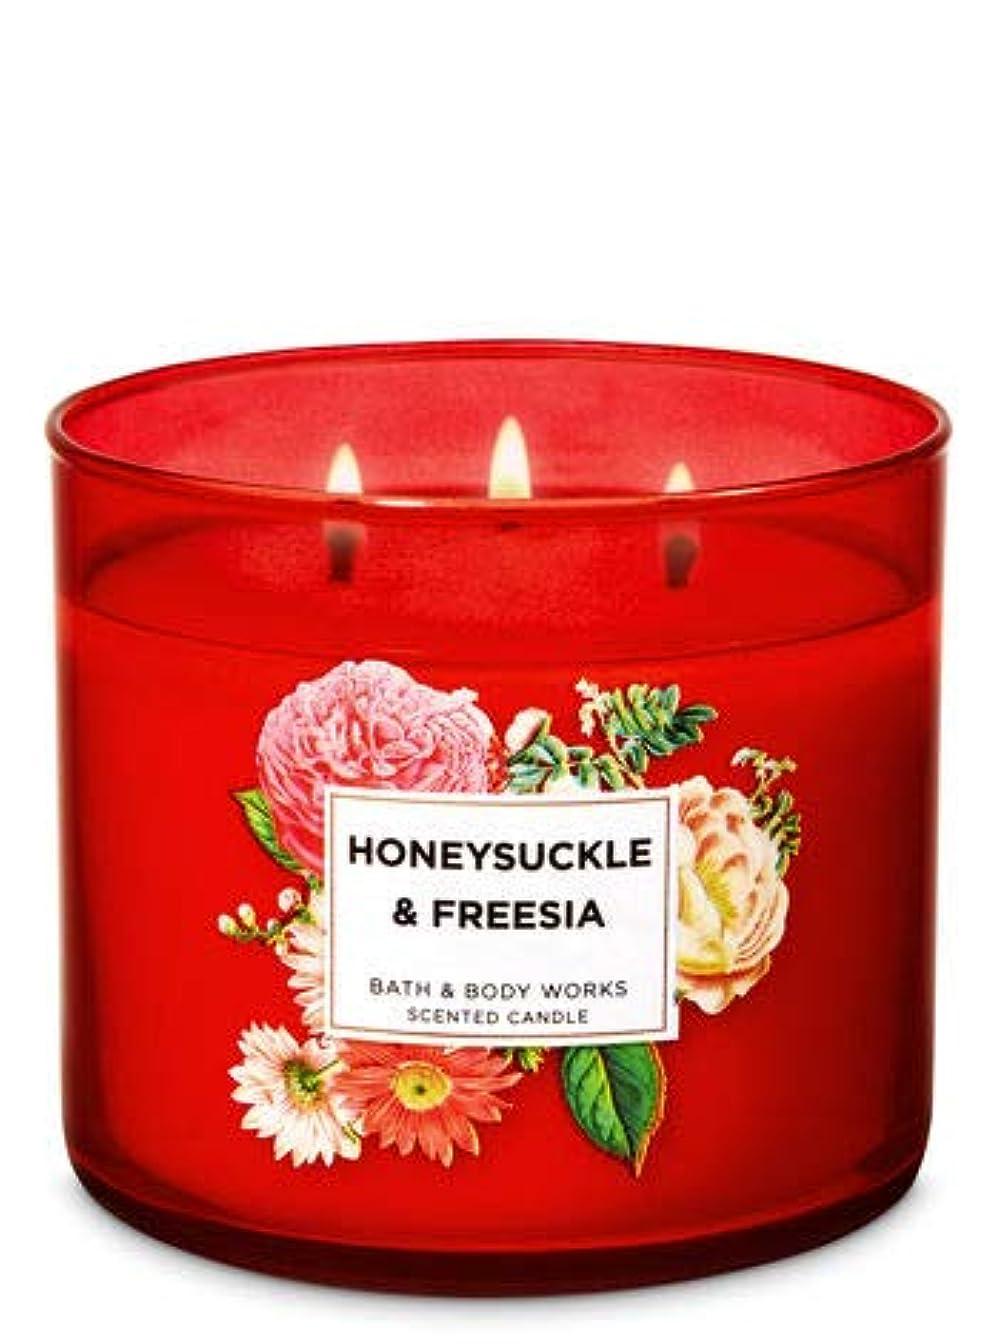 平和好むフリンジ【Bath&Body Works/バス&ボディワークス】 アロマ キャンドル ハニーサックル&フリージア 3-Wick Scented Candle Honeysyckle & Freesia 14.5oz/411g [...